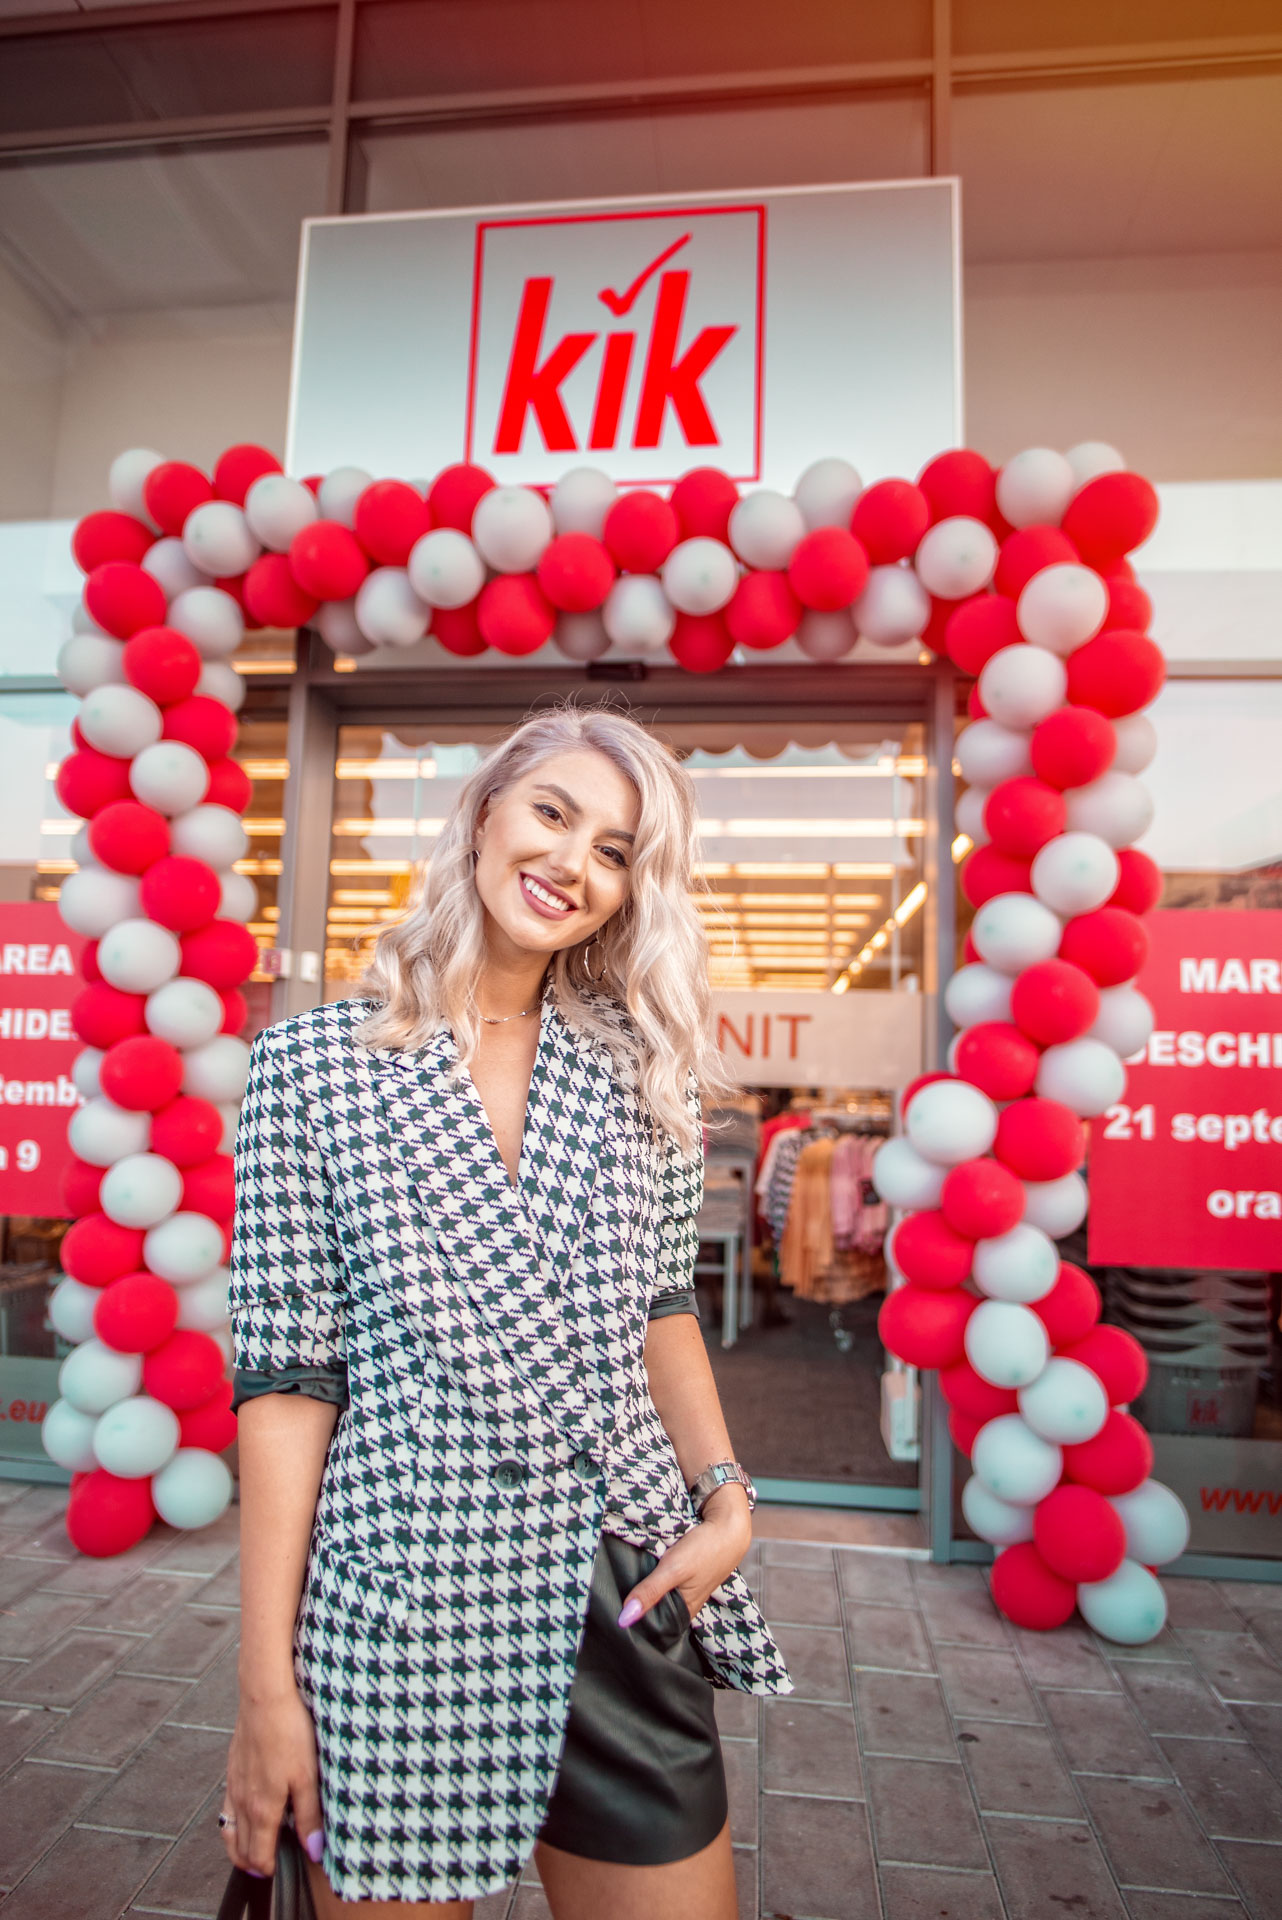 S-a deschis primul magazin KIK in Oradea_Iulia Andrei